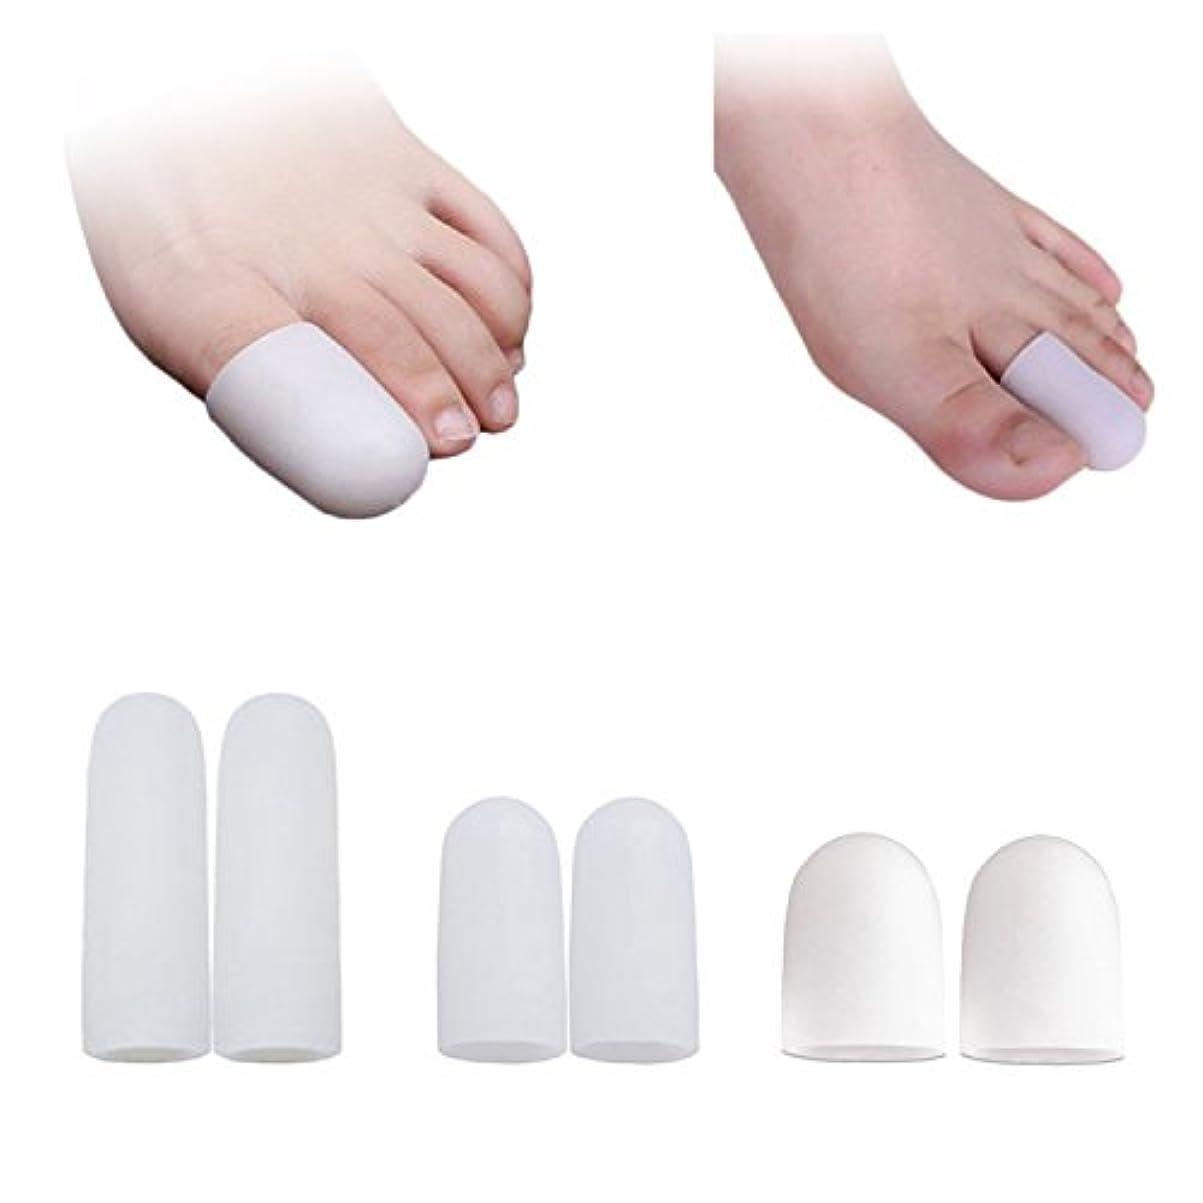 回転させる不誠実不快な足指保護キャップ つま先プロテクター 足先のつめ保護キャップ シリコン 男女兼用 (ホワイト)